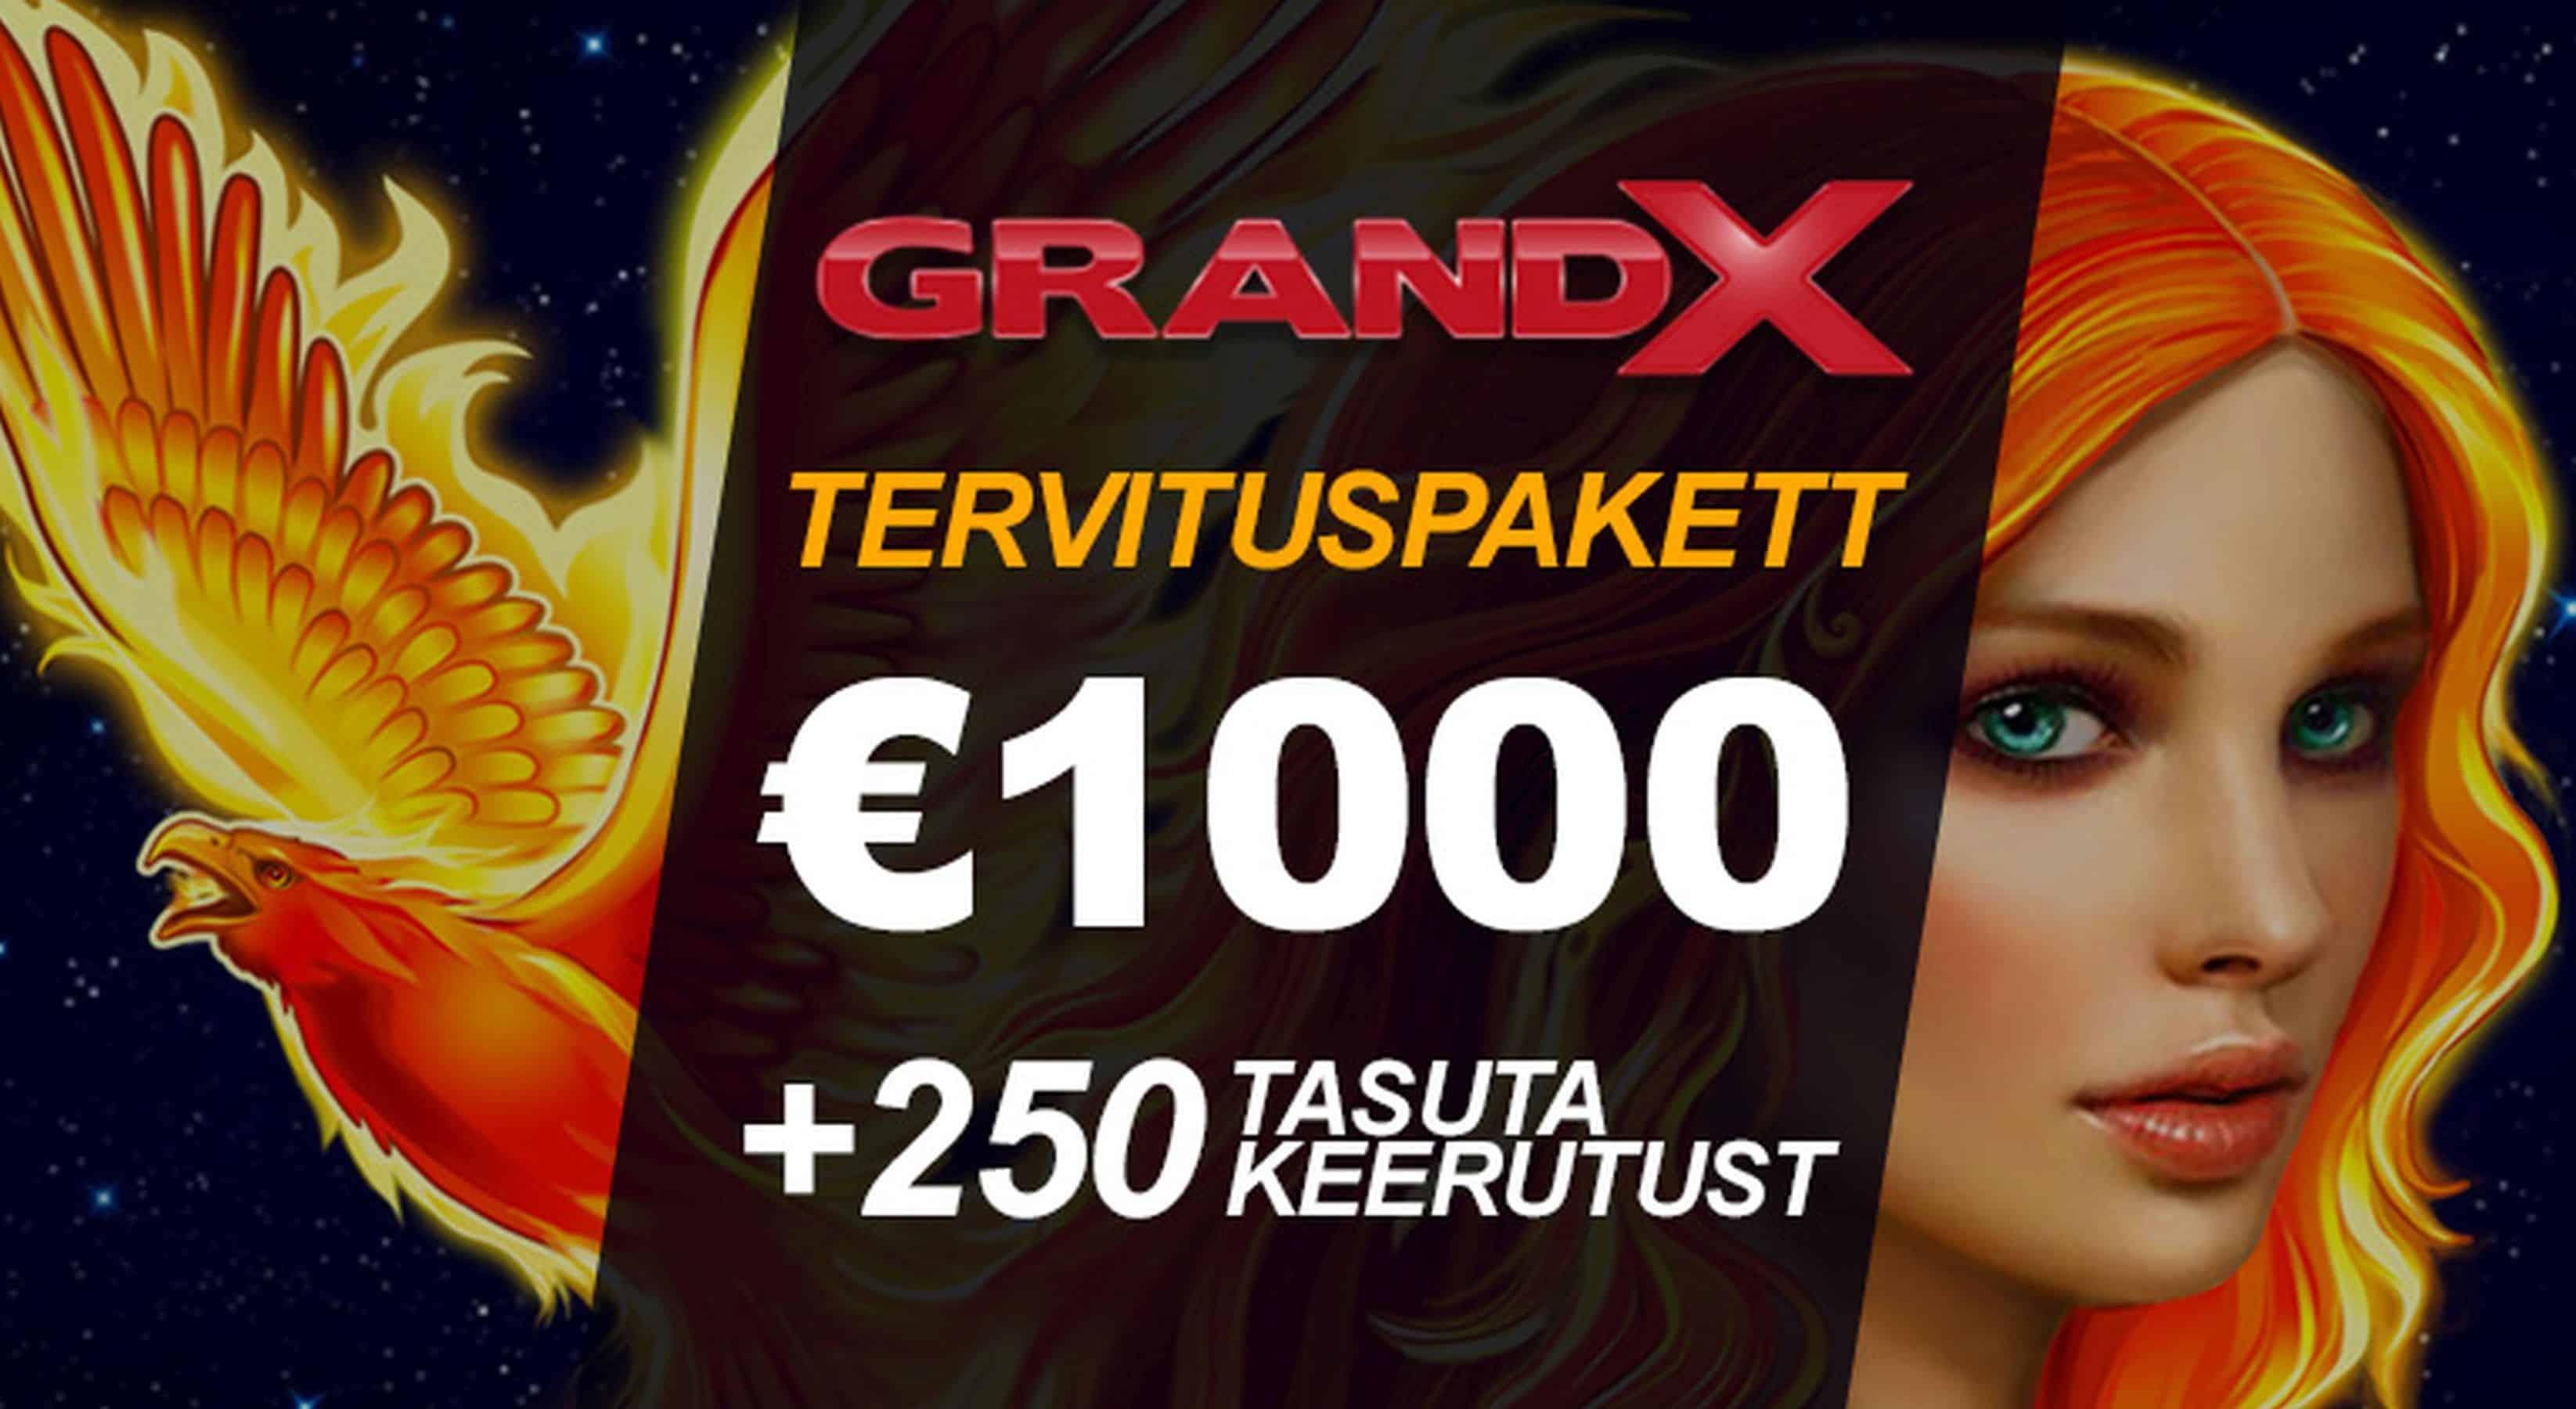 GrandX uus tervituspakett suurem, parem ja igati vinge